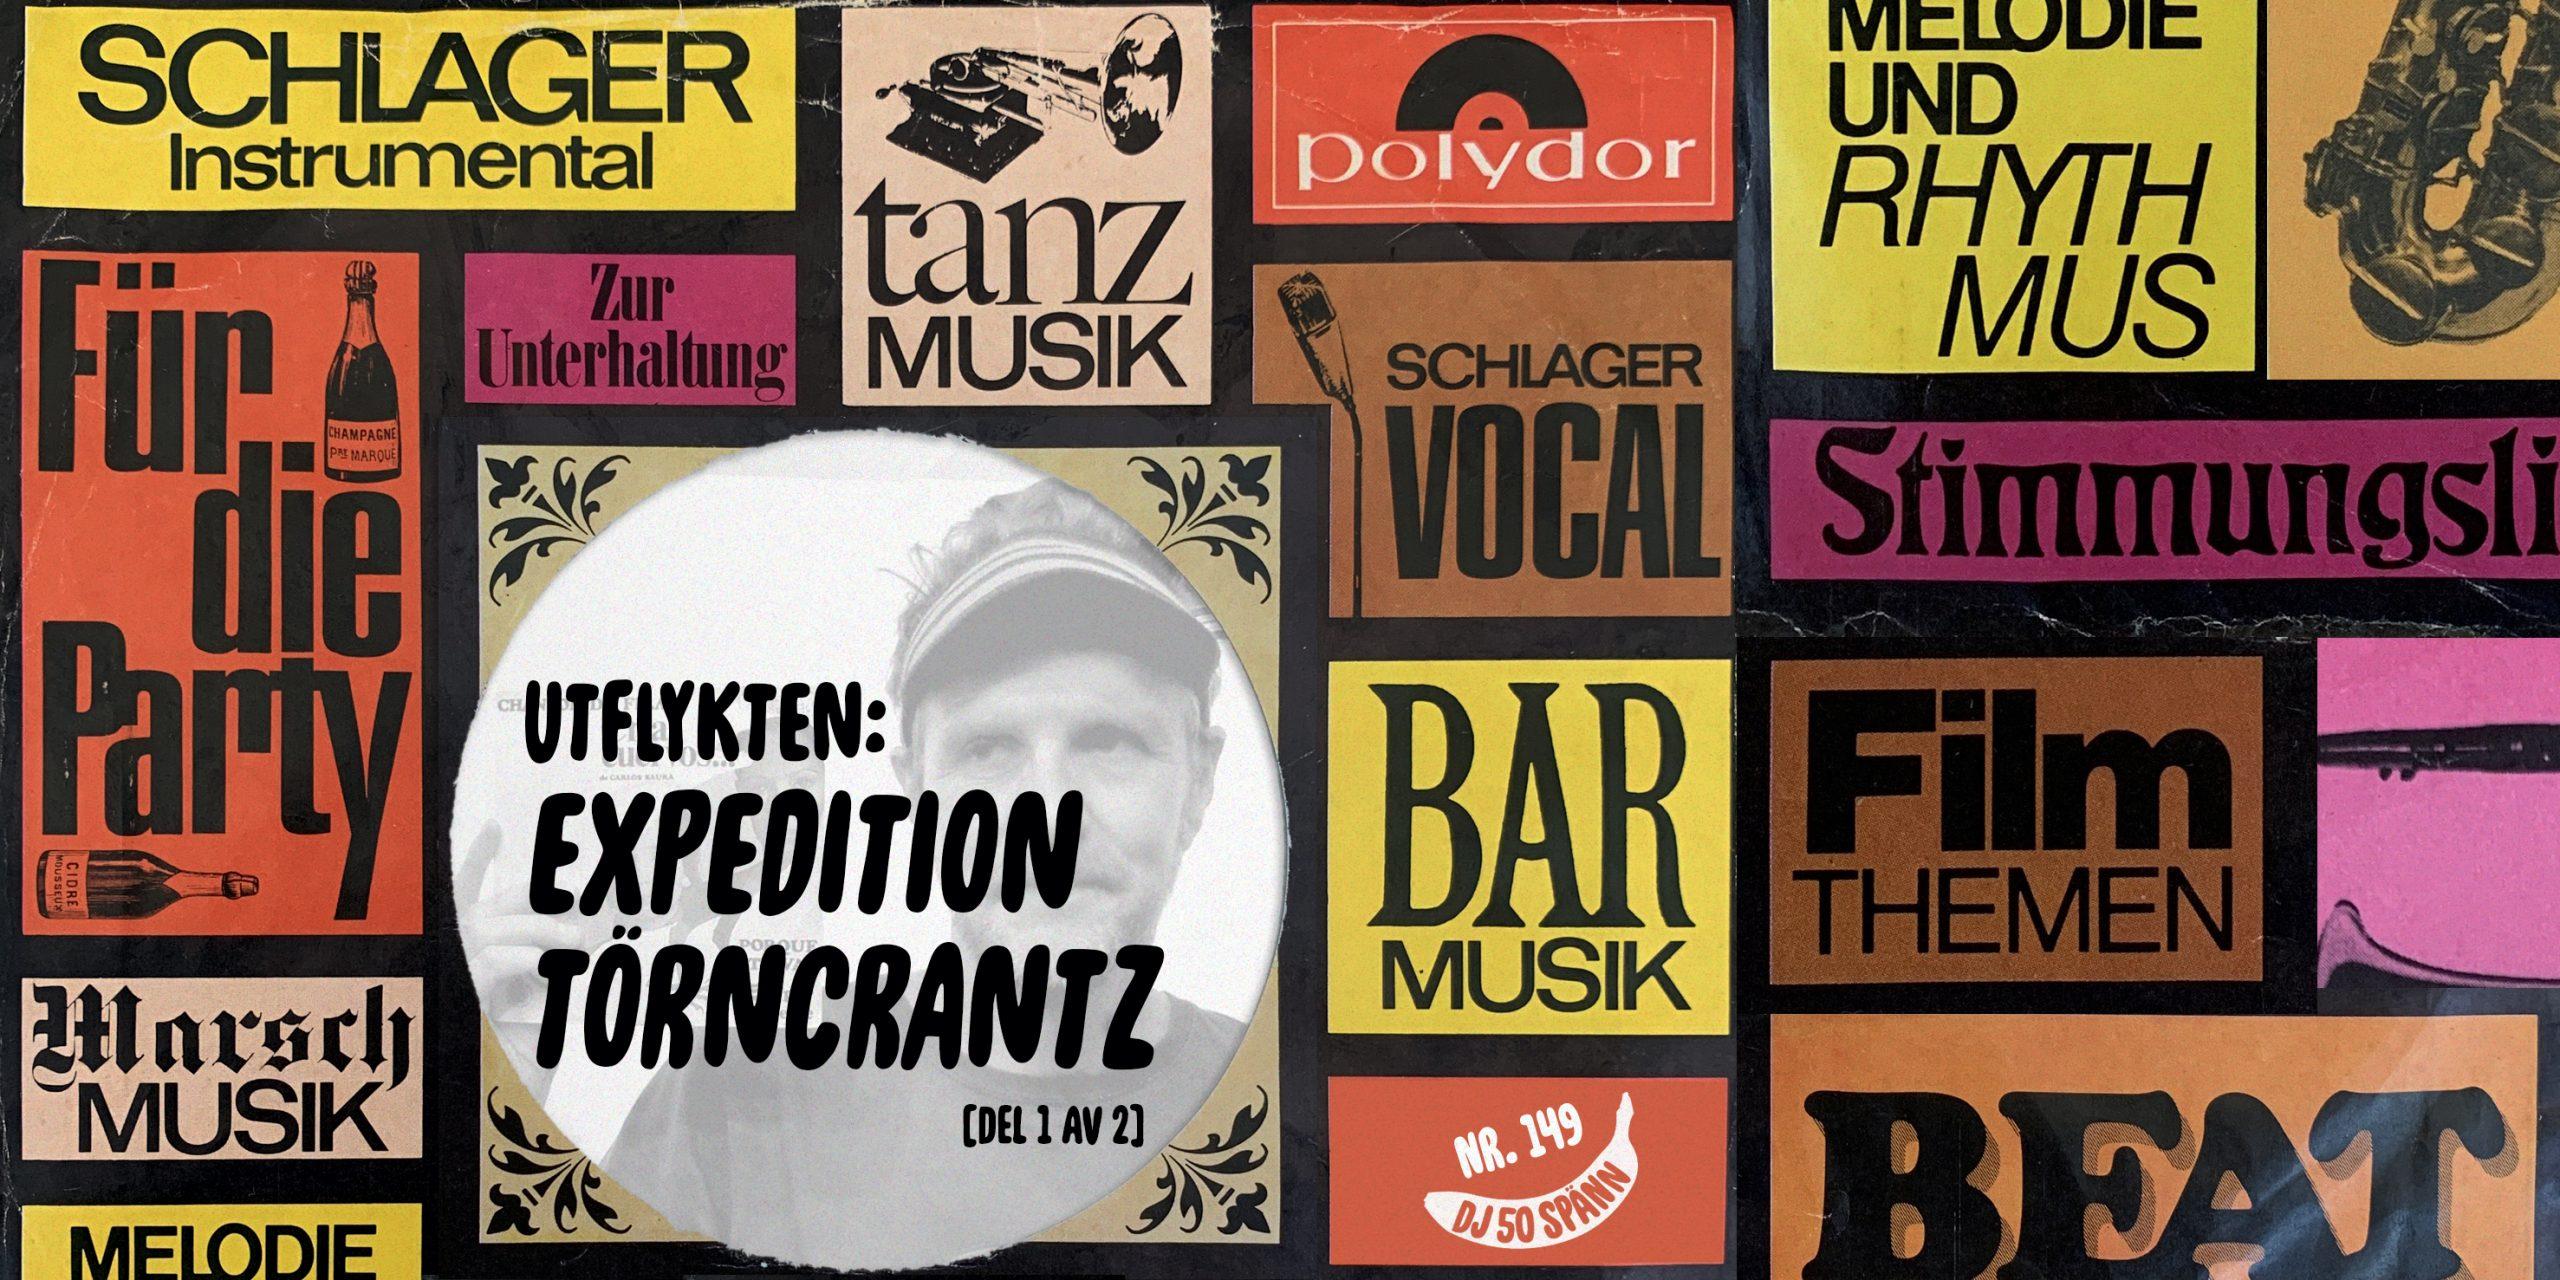 DJ50:- nr 149. UTFLYKTEN: Expedition Törncrantz [del 1 av 2]